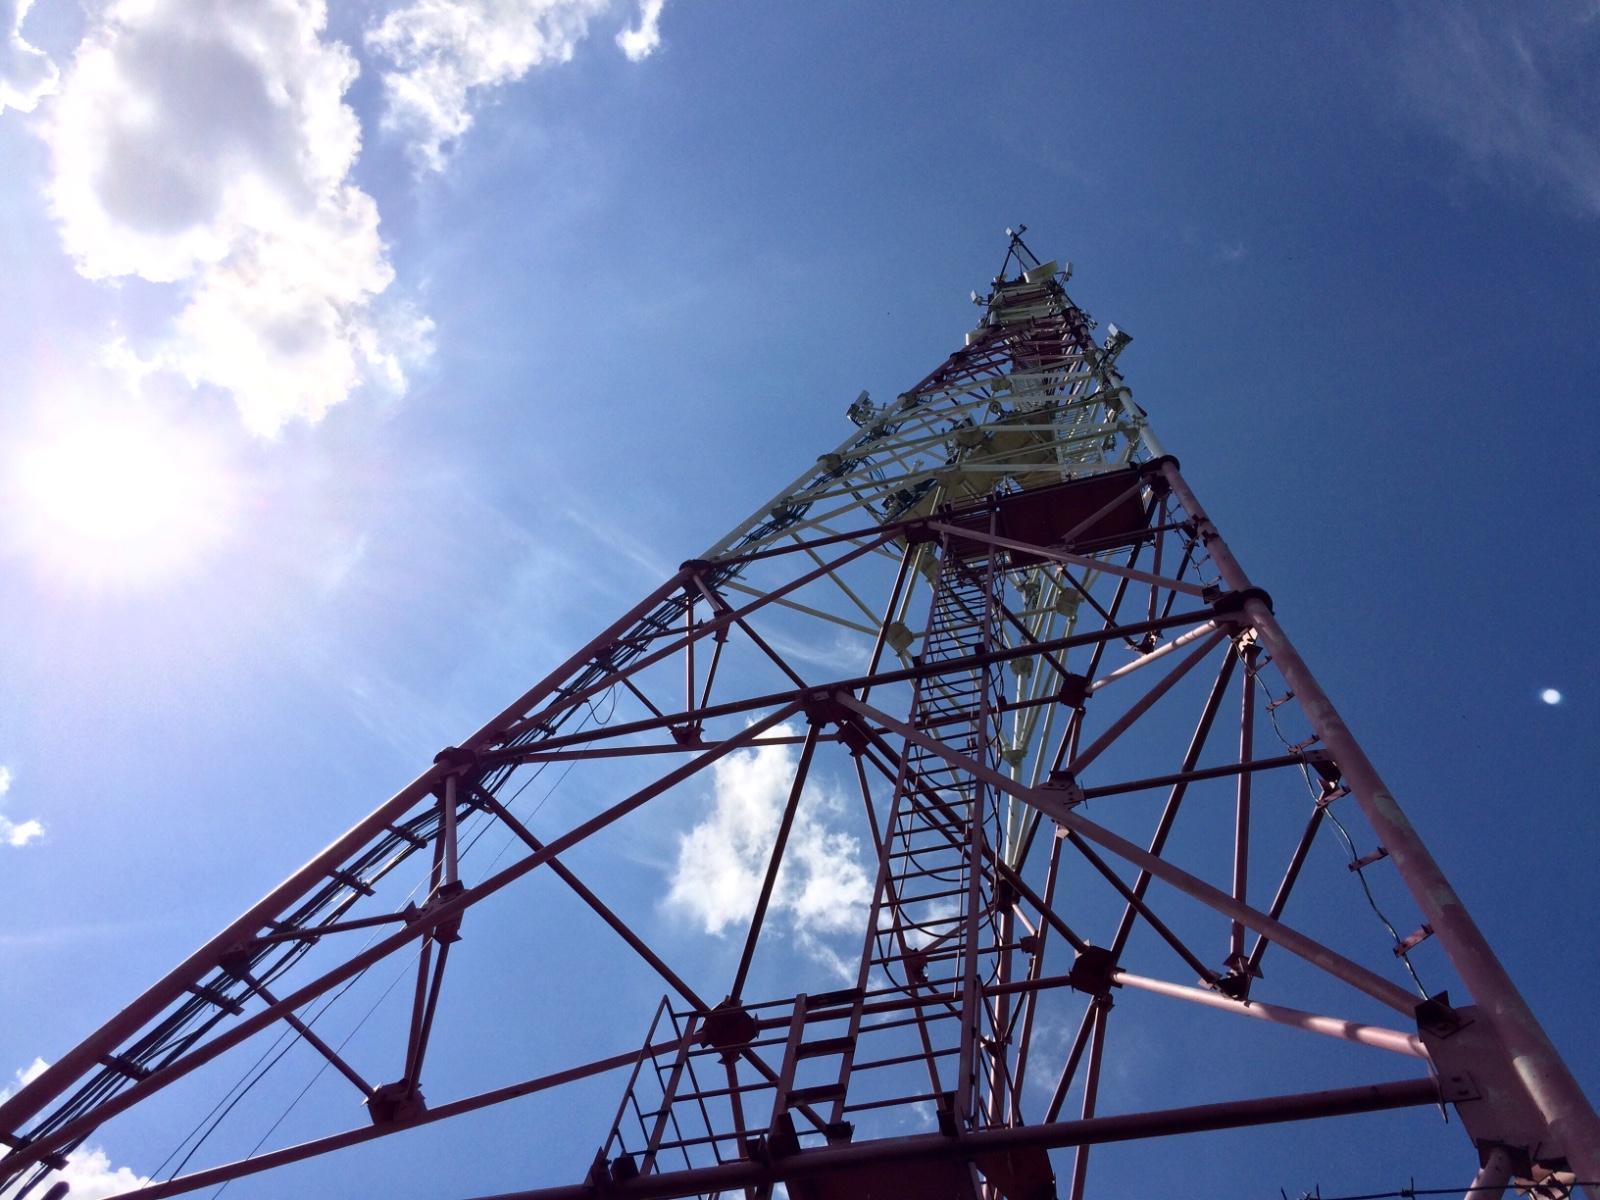 Партнерство Евразия ищет исполнителя на выполнение проектных работ по базовой станции сети подвижной радиотелефонной связи